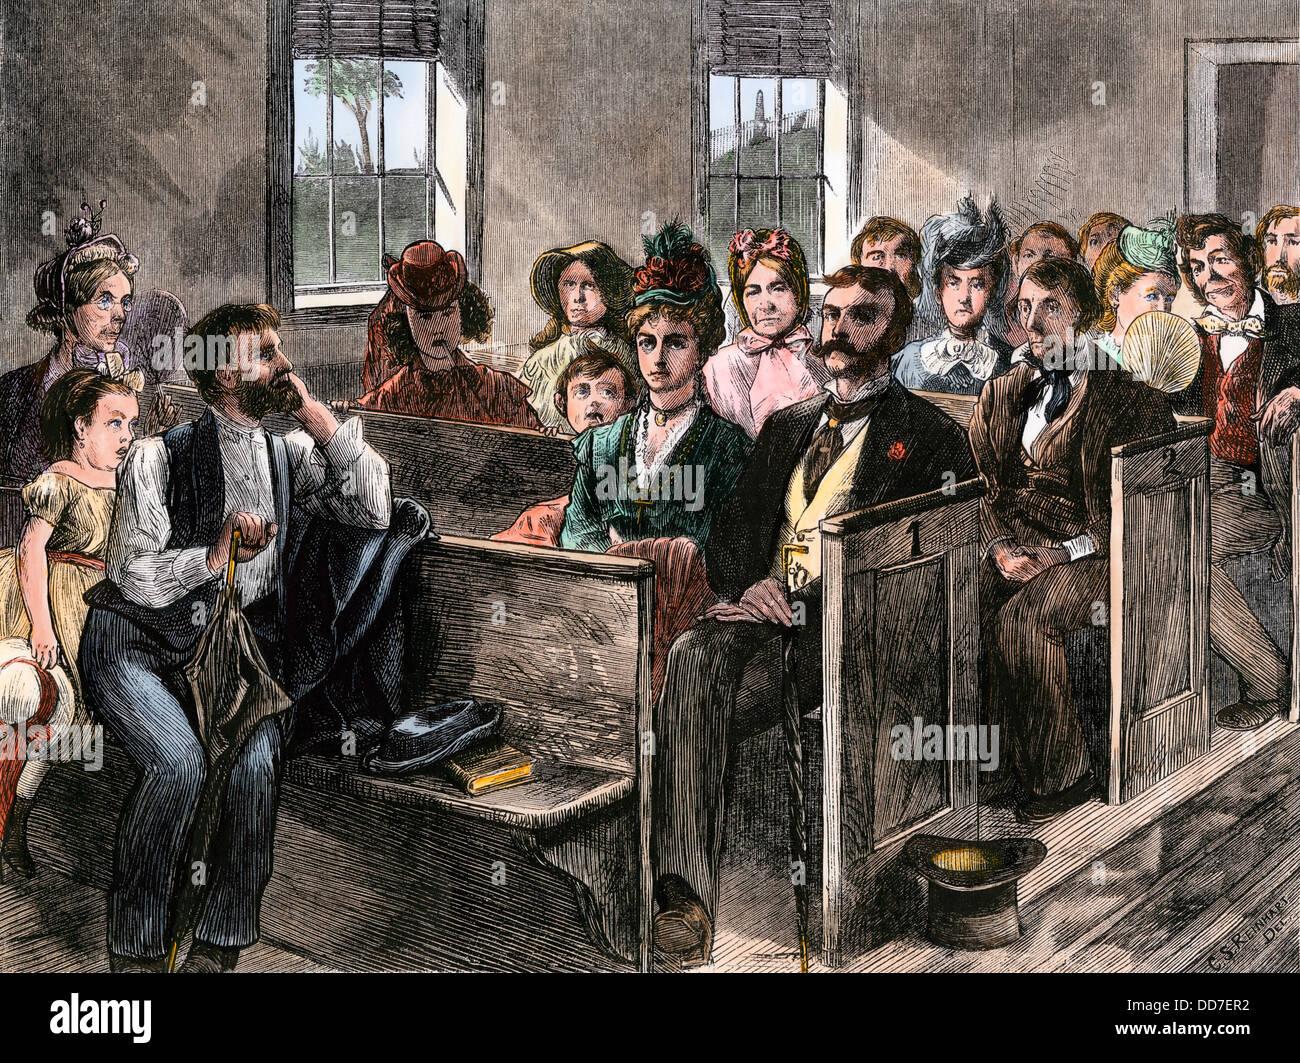 Stadt Leute, die einem Land, Kirche, 1870. Hand - farbige Holzschnitt Stockbild